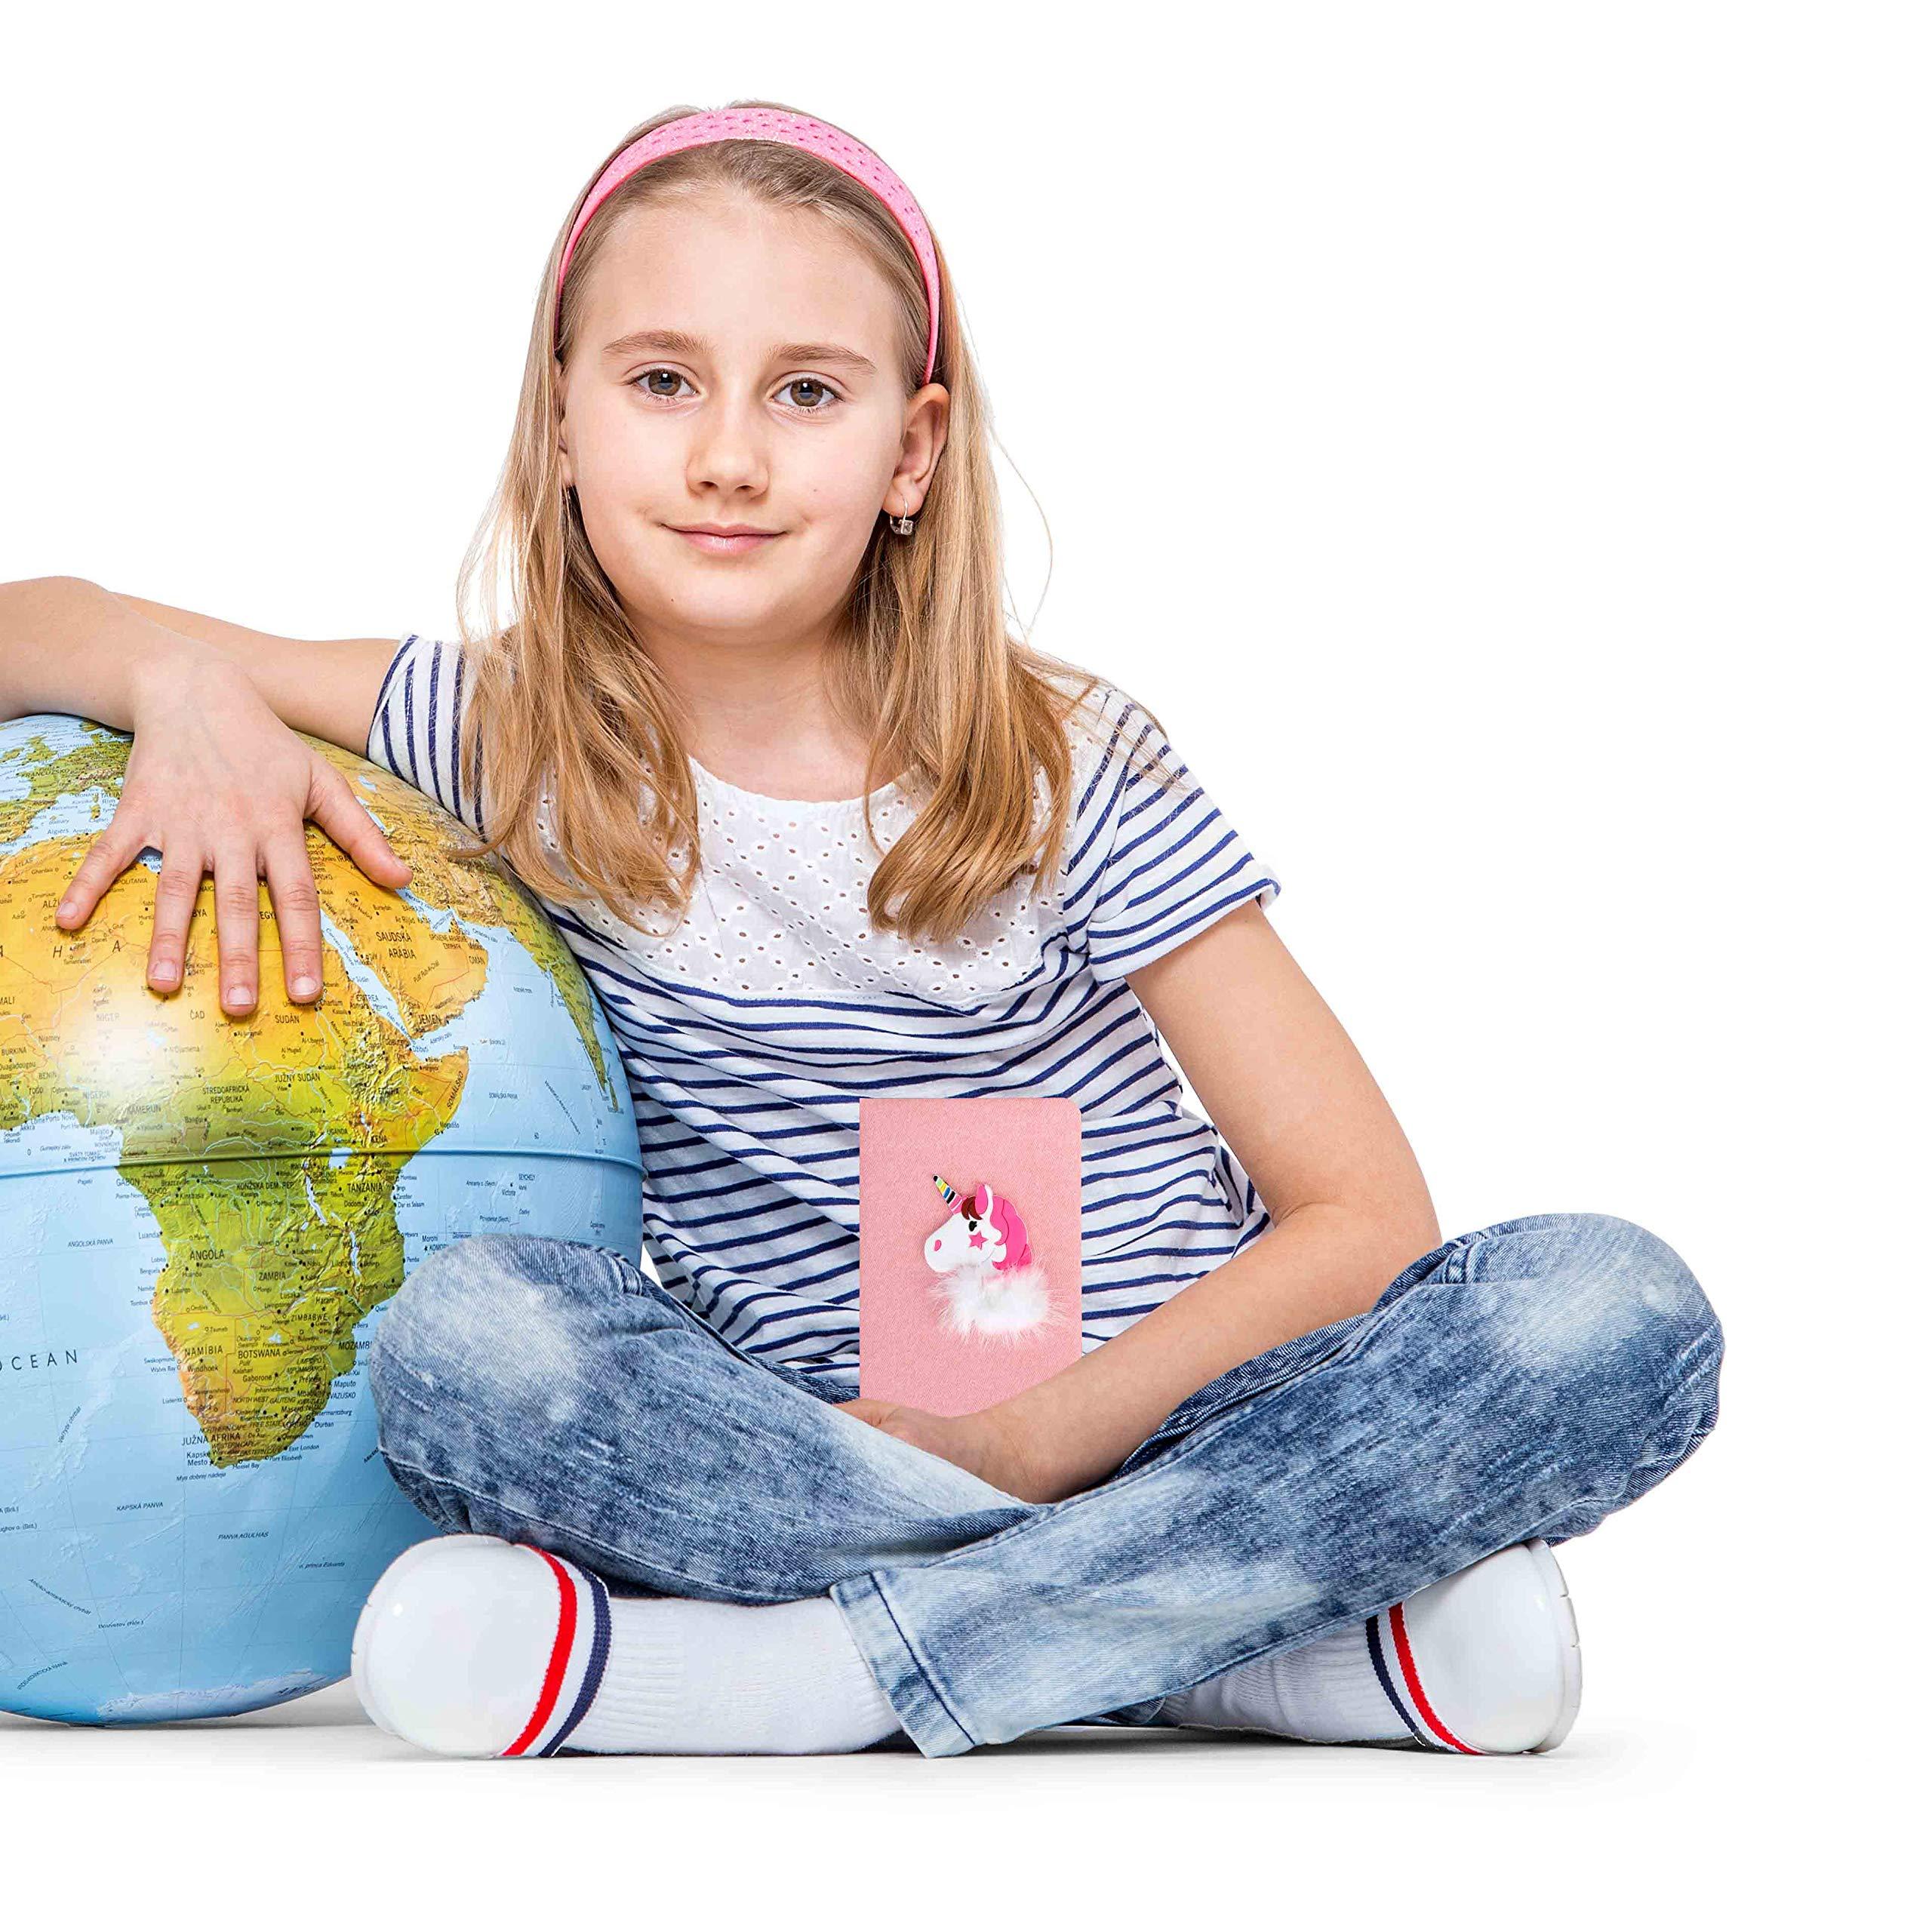 Diario Di Viaggio Appunti Carino Quaderno Fenicottero A6 Scatola Di Diario Con Penne In Gel Materiale Scolastico Di Cancelleria Regalo Per Bambini Studenti Ragazza Rosa